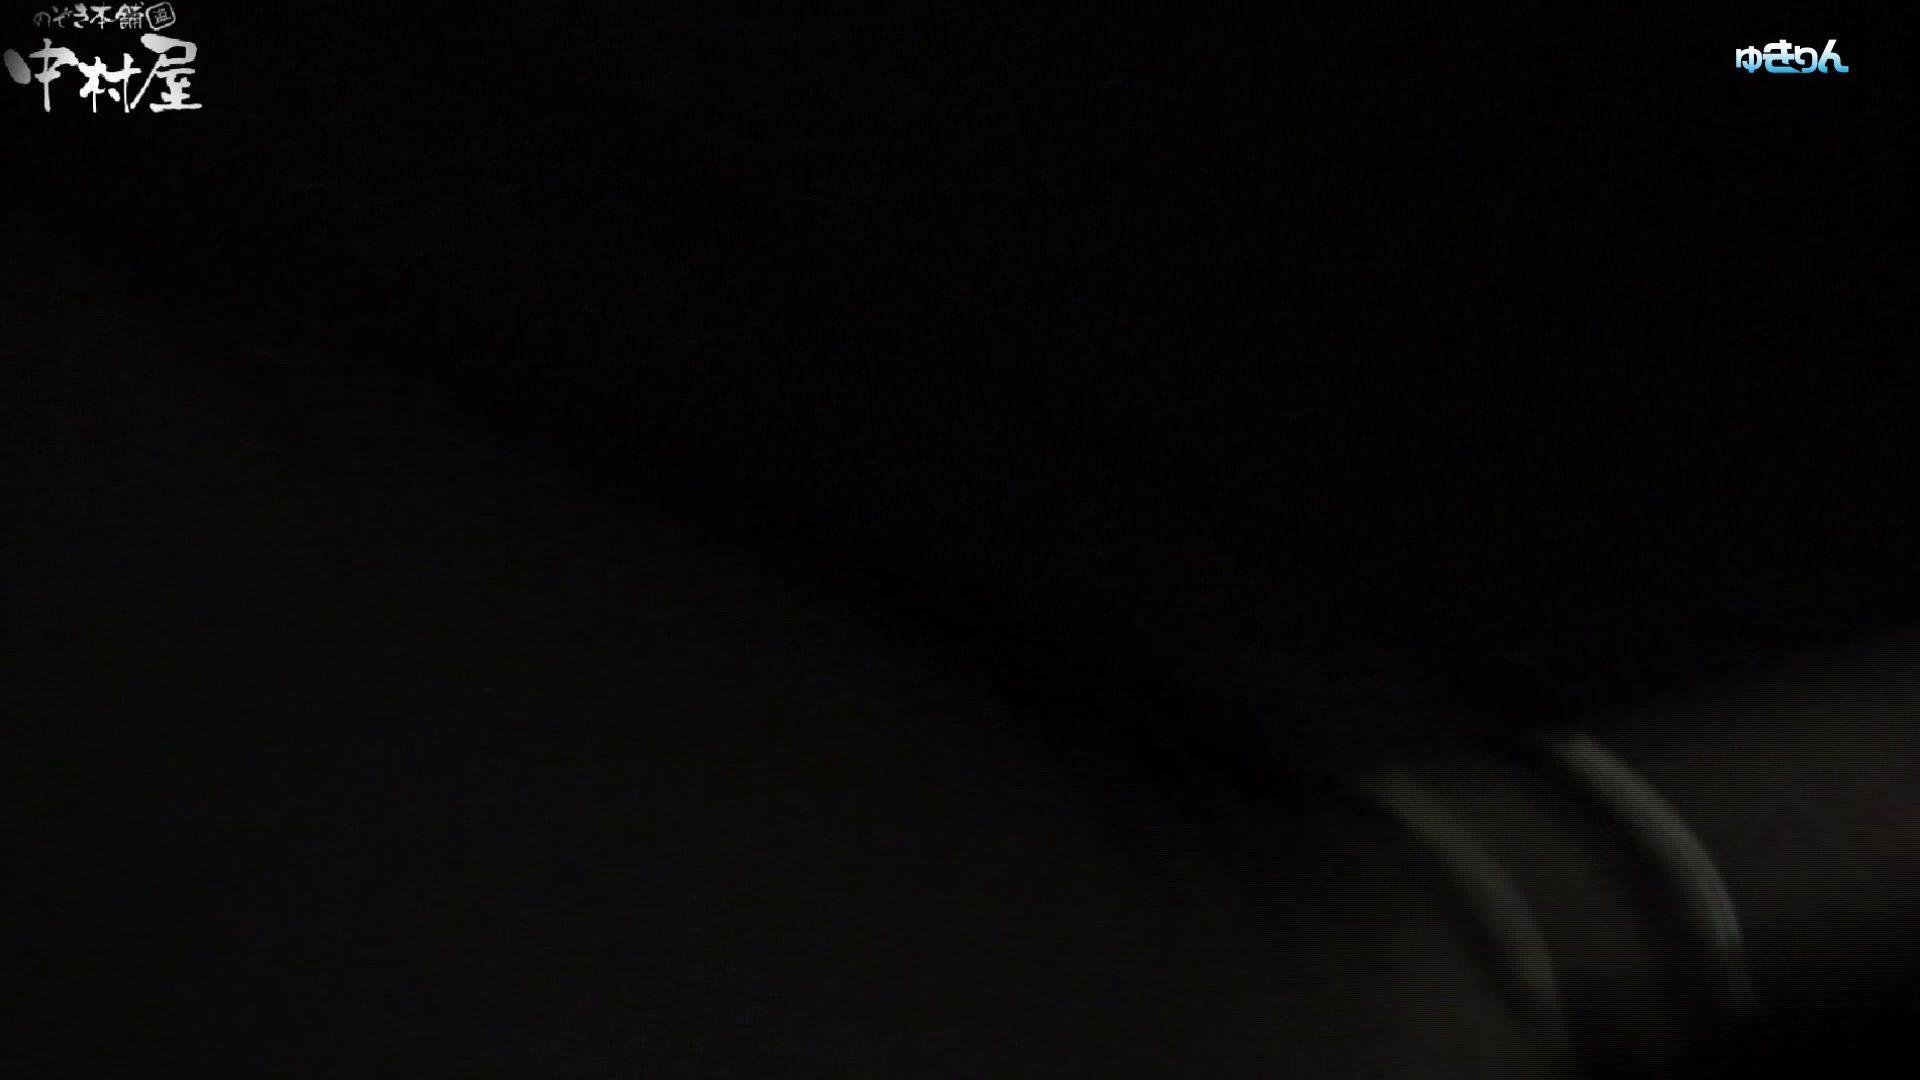 世界の射窓から~ステーション編 vol58 0.1%の確率!!吸い付こまれるプレミアム聖地 おまんこ見放題 | 盗撮シリーズ  80PIX 59